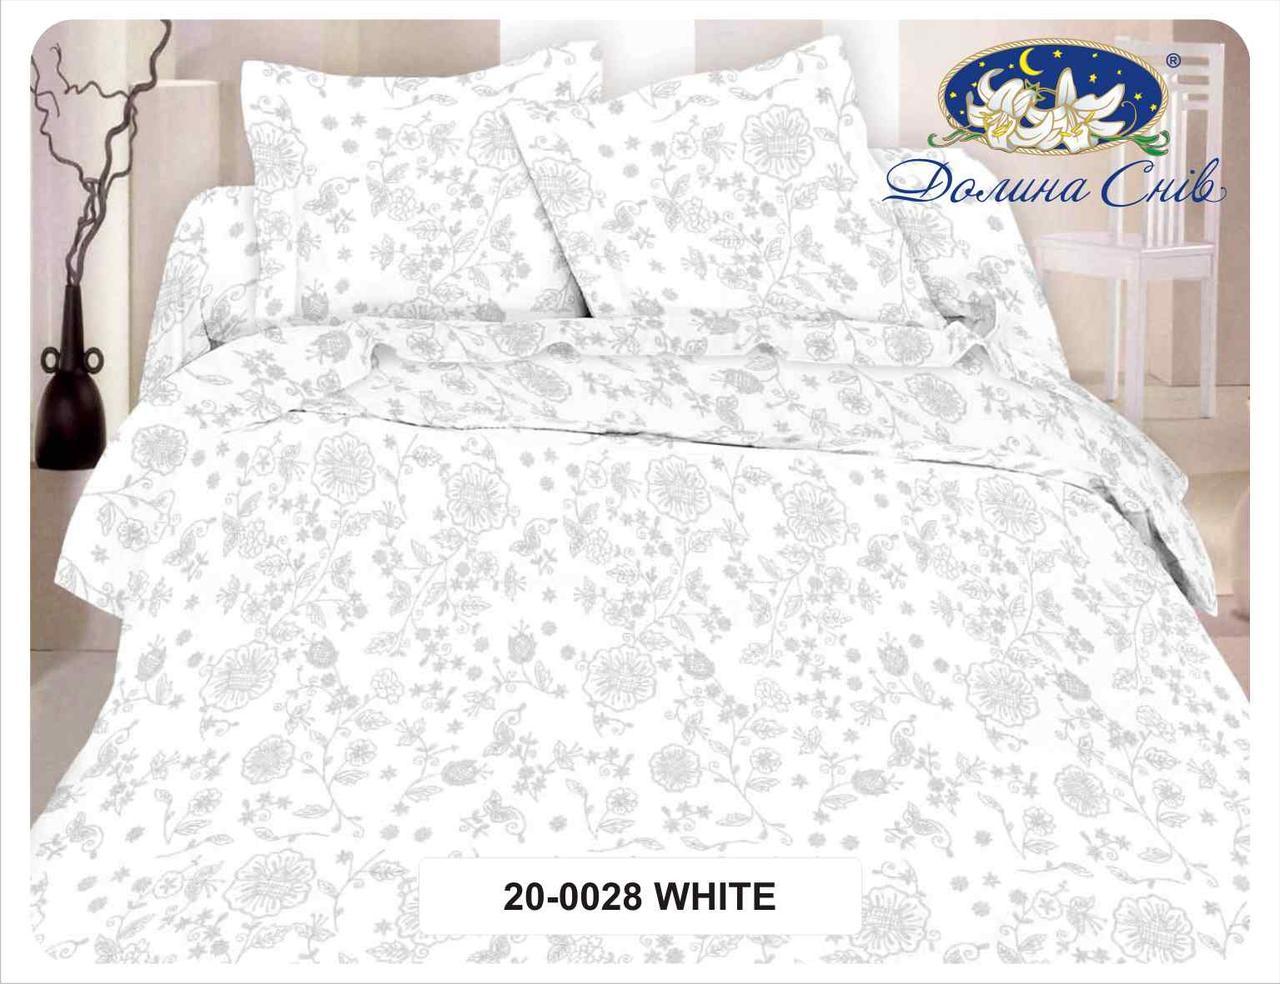 Сатин 220 см 120 г/м2 (рулон 60 м) 20-0028 white